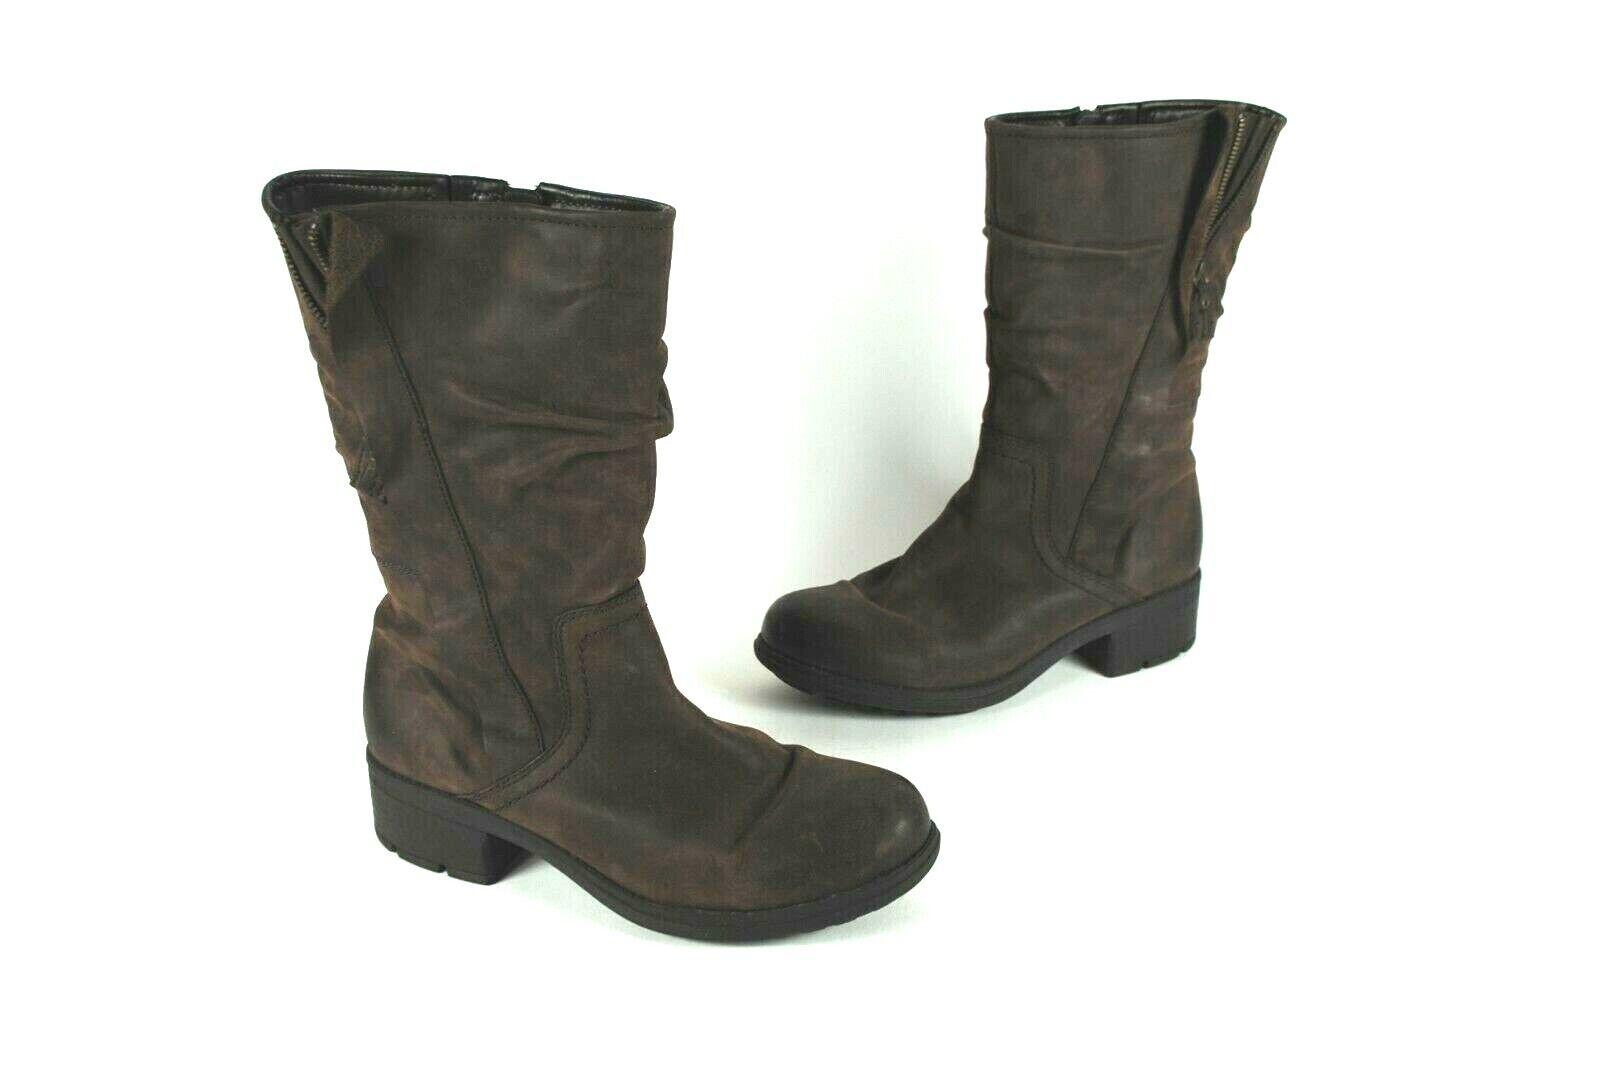 Para Mujer Clarks Mansi Enebro Cuero Marrón botas  precio minorista sugerido por el fabricante Alto Cremallera Lateral